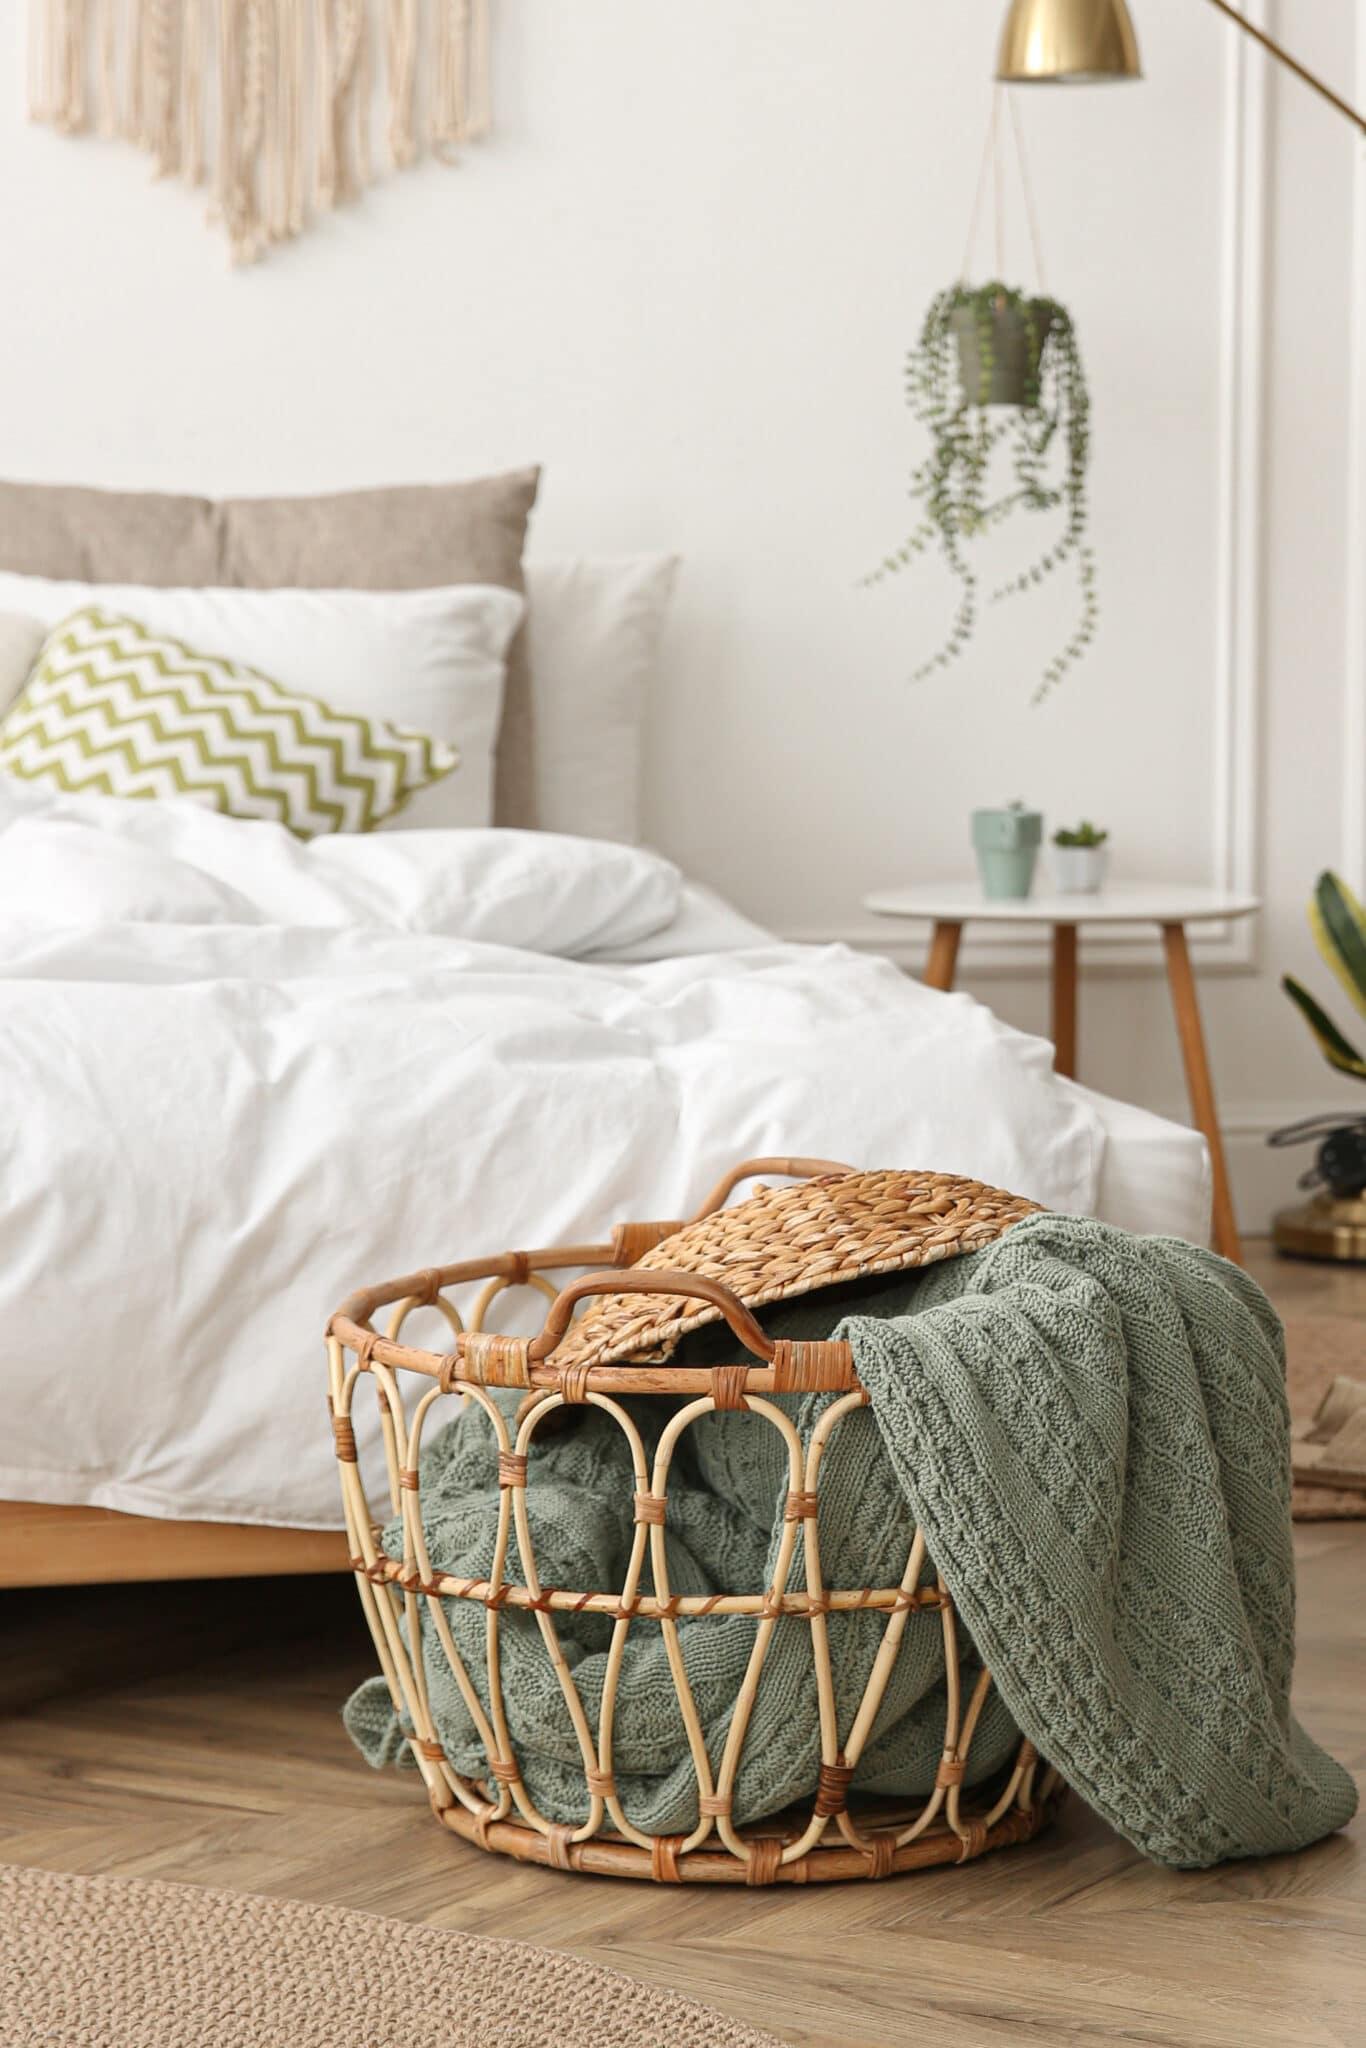 Uma cesta de vime sendo usada para armazenar cobertores em um quarto.